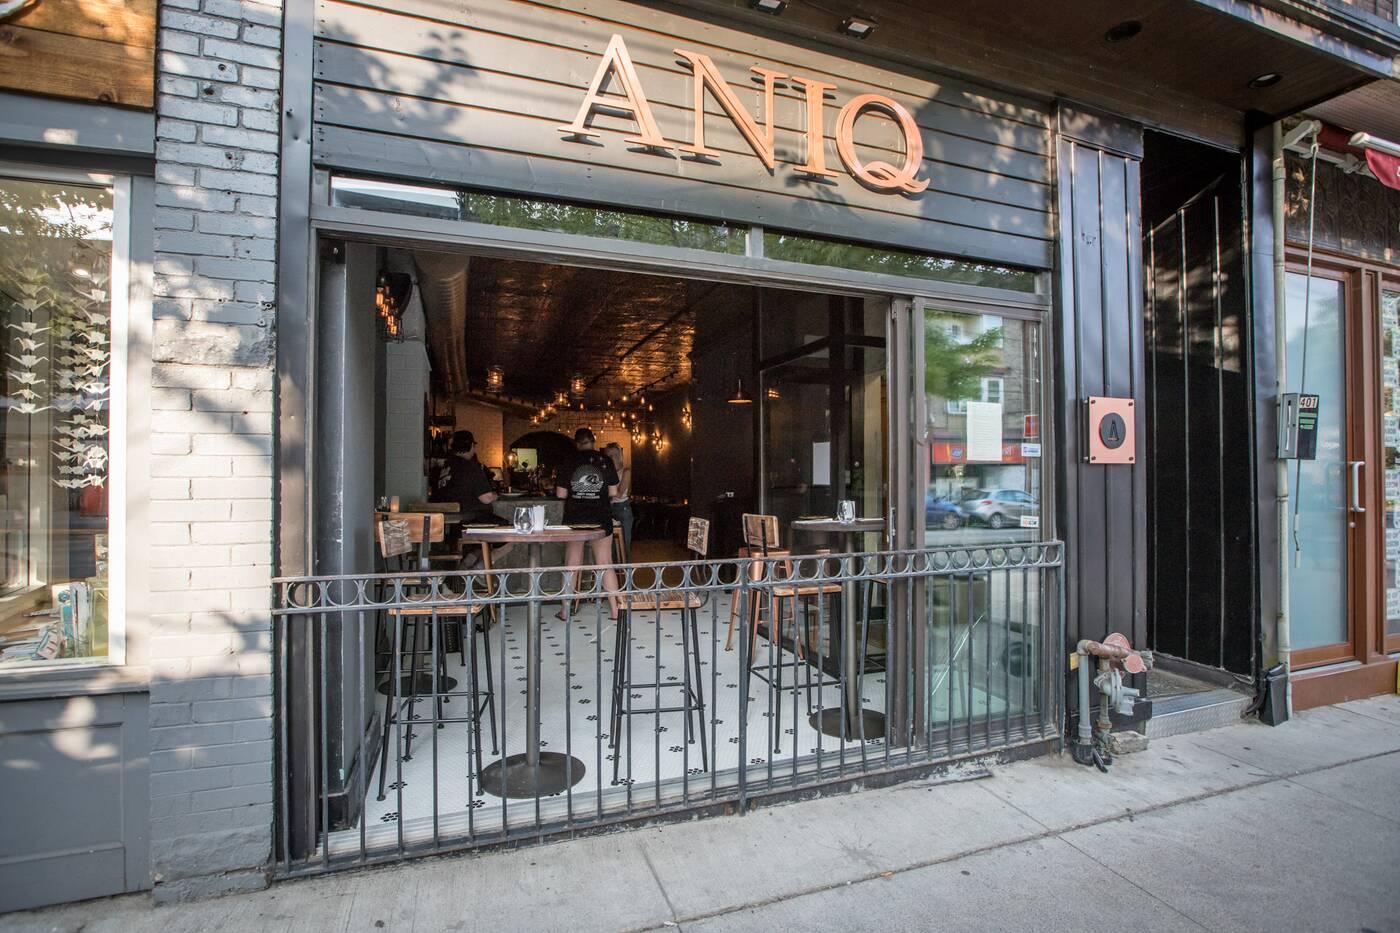 Aniq Toronto